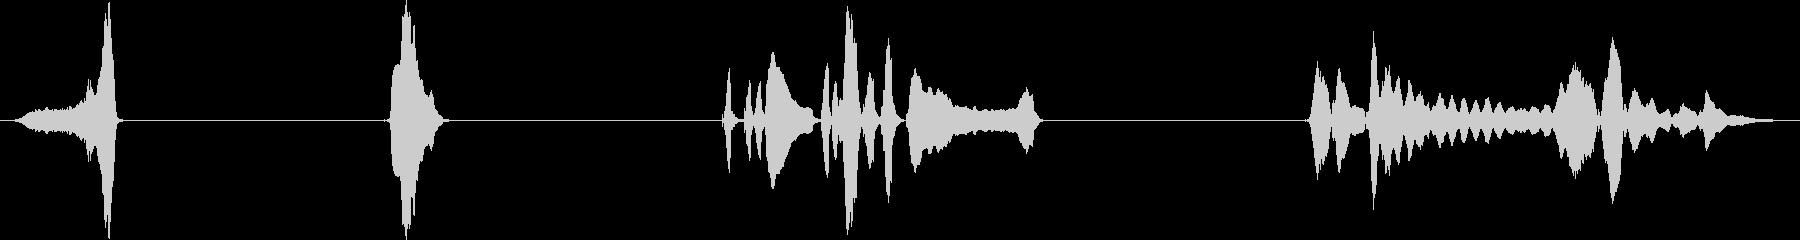 ハーモニカ、4バージョン、楽器; ...の未再生の波形